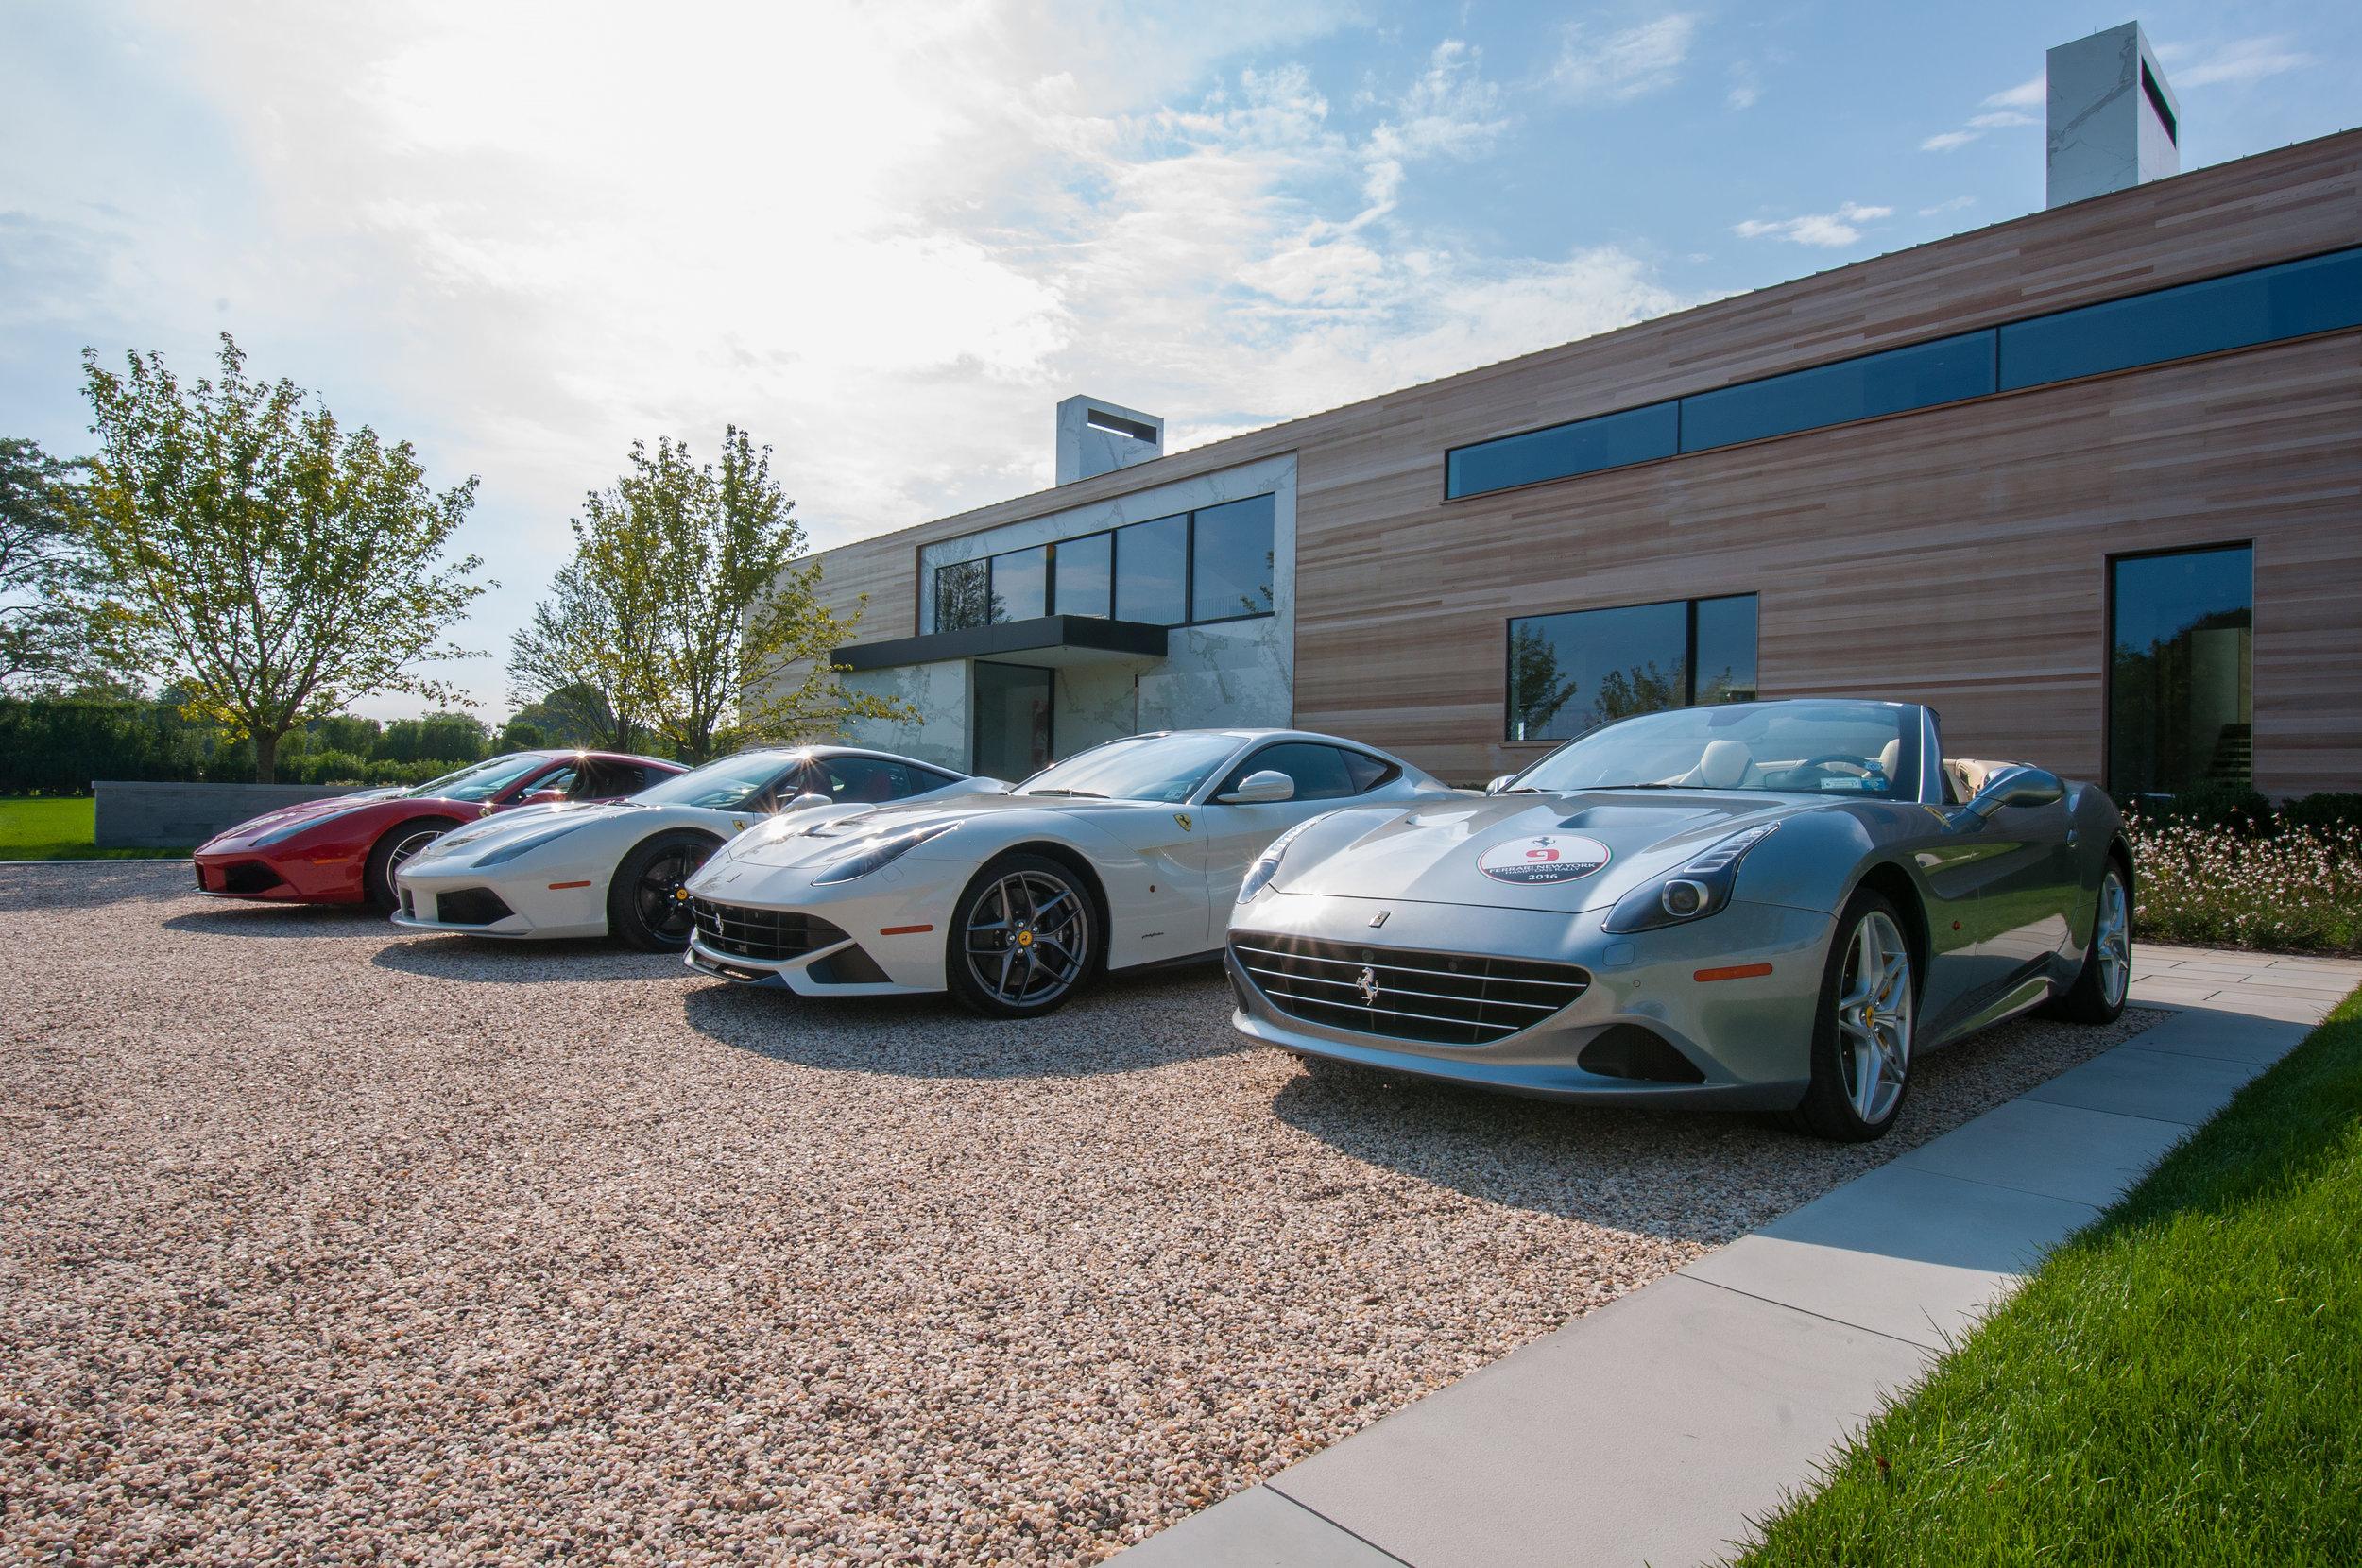 Event for Ferrari